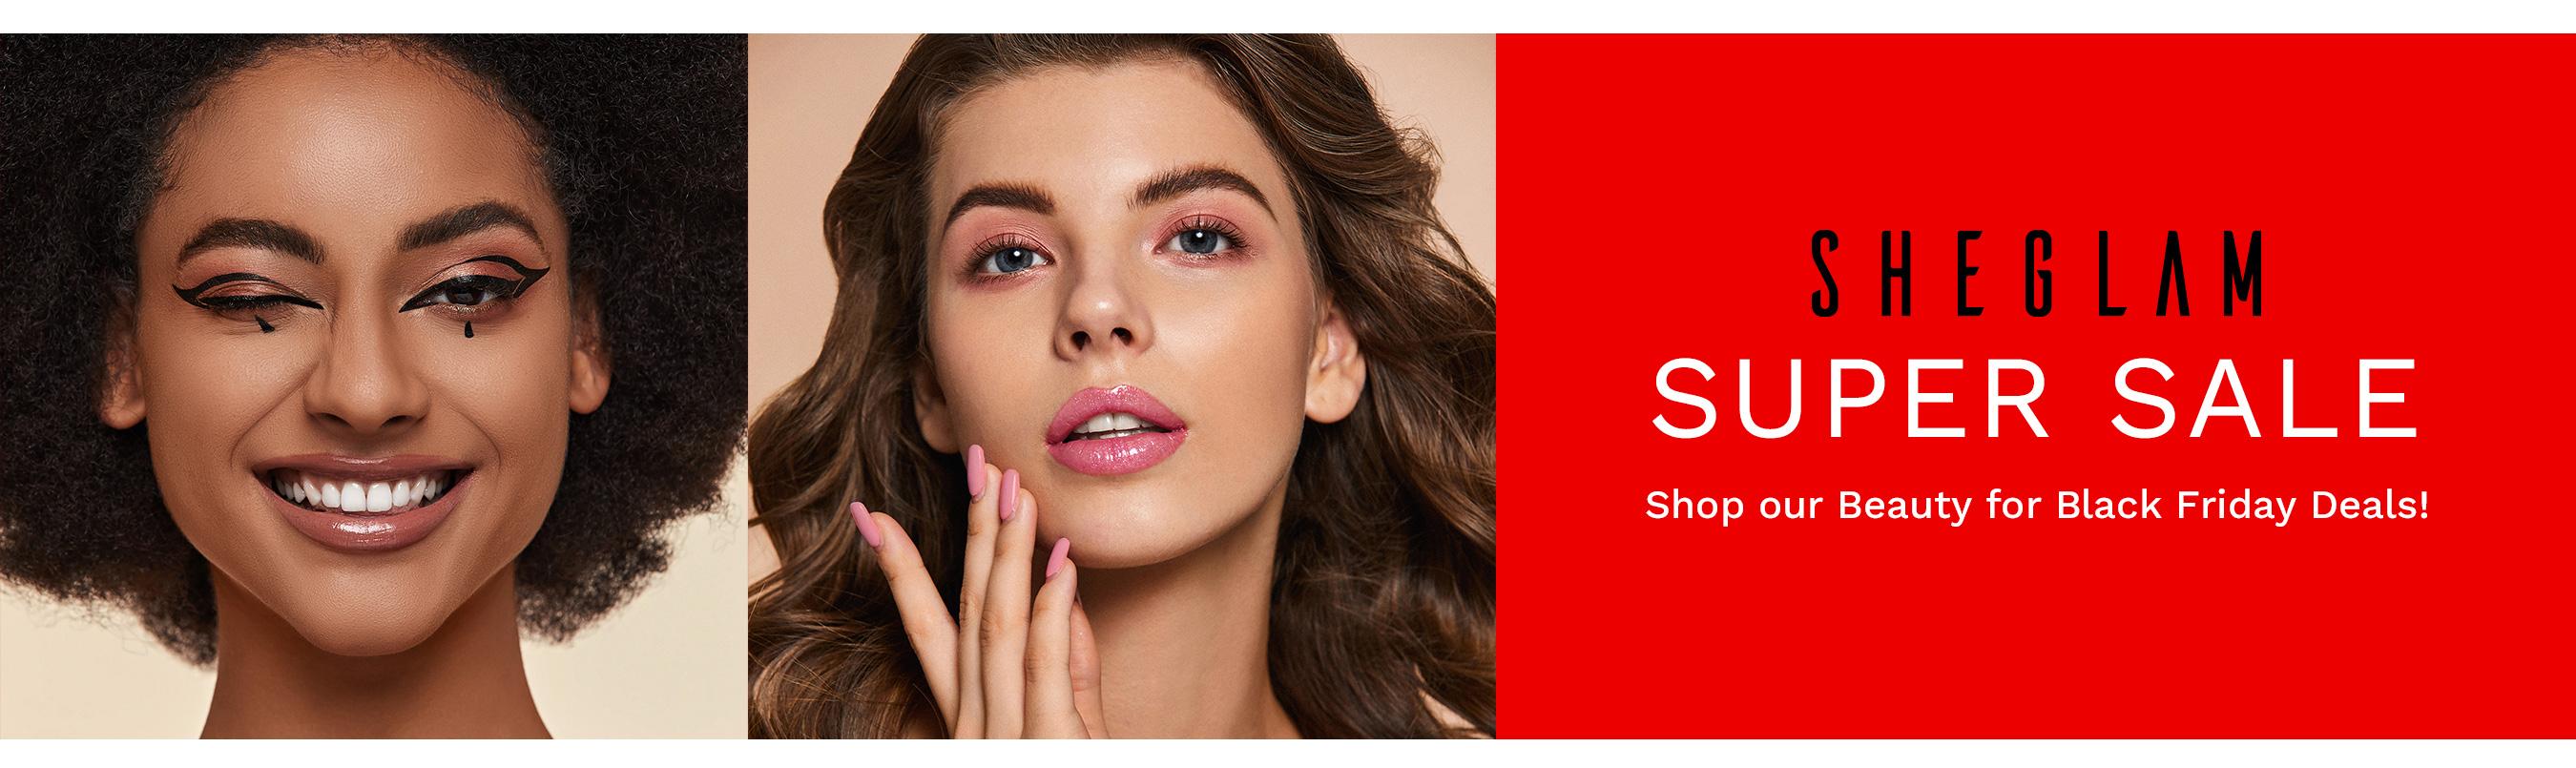 Shein Coupons - Sheglam Makeup starting at just $4